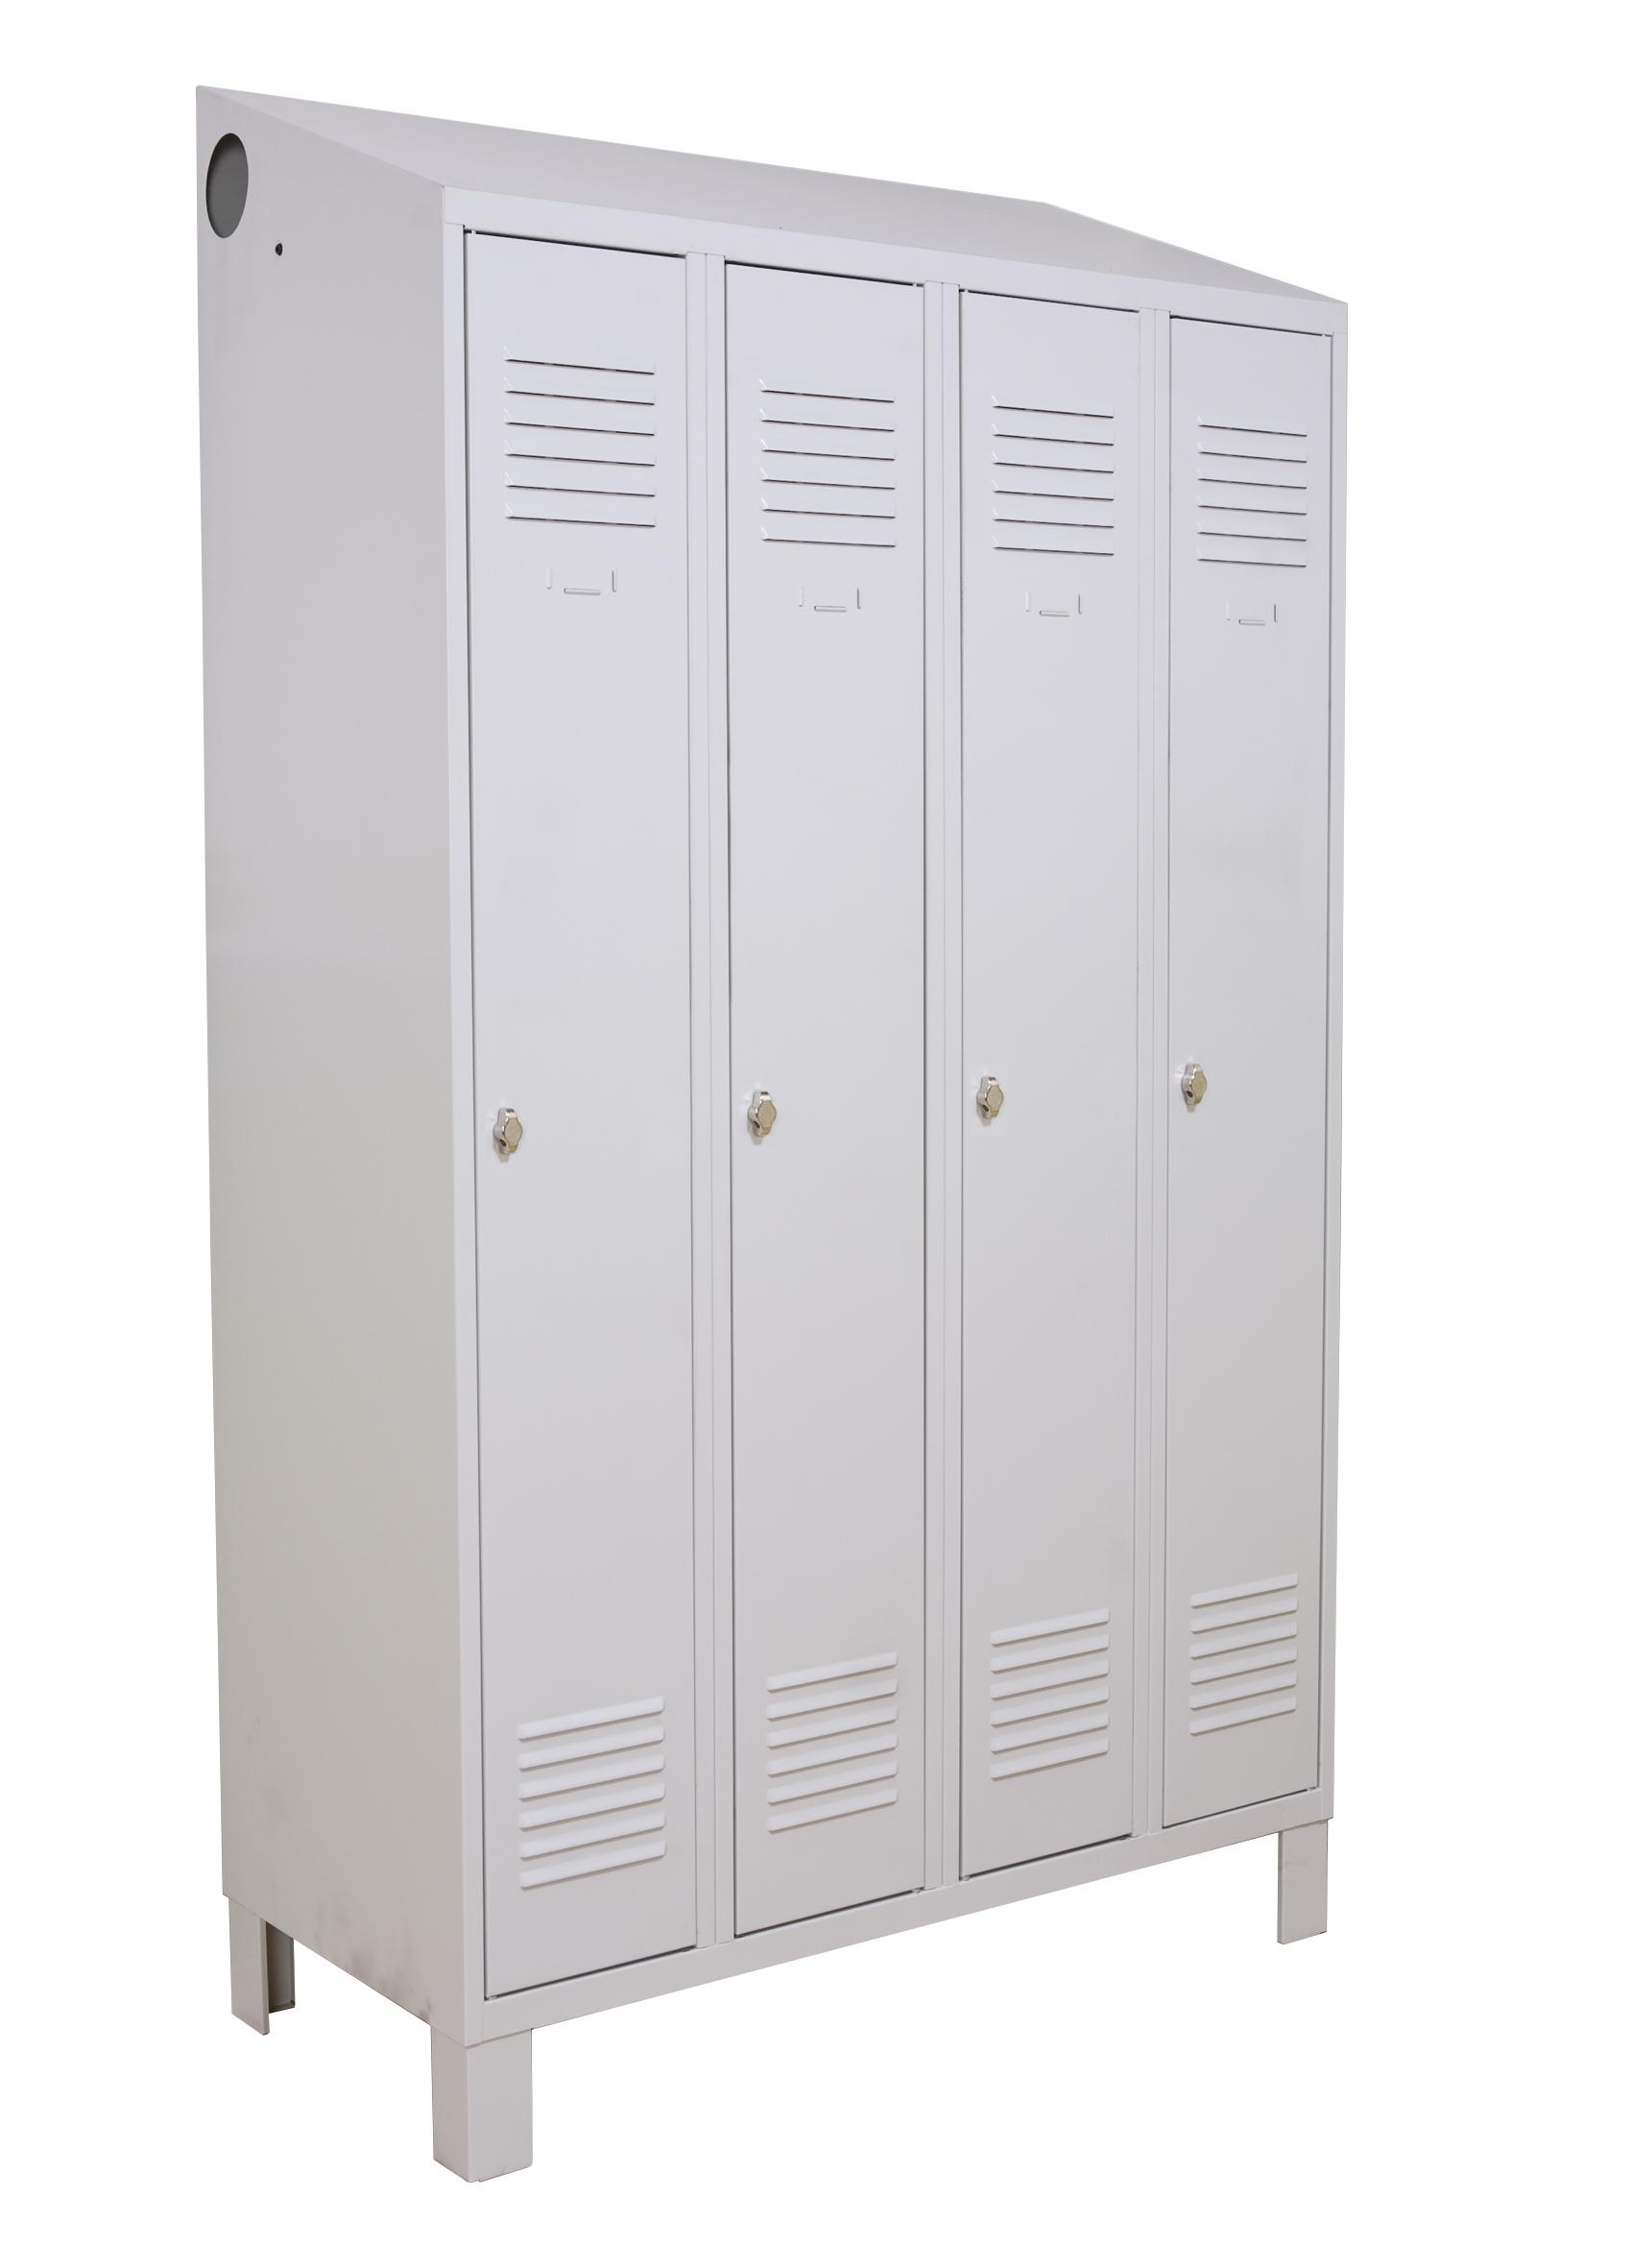 KSS 3411 (cylinderlås)